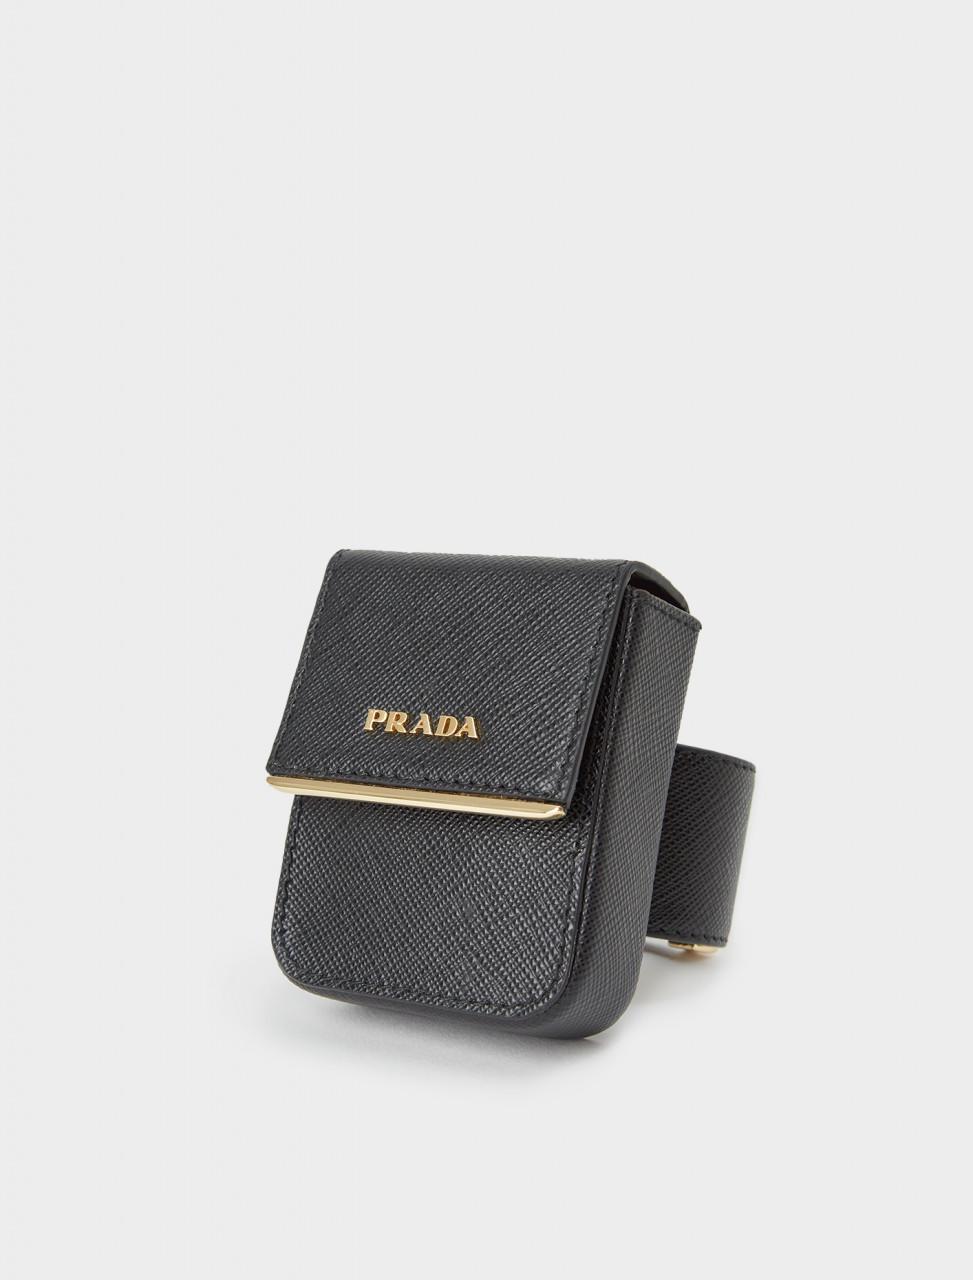 242-1IB347-2DL0-F0002 PRADA Saffiano Leather Pouch Bracelet